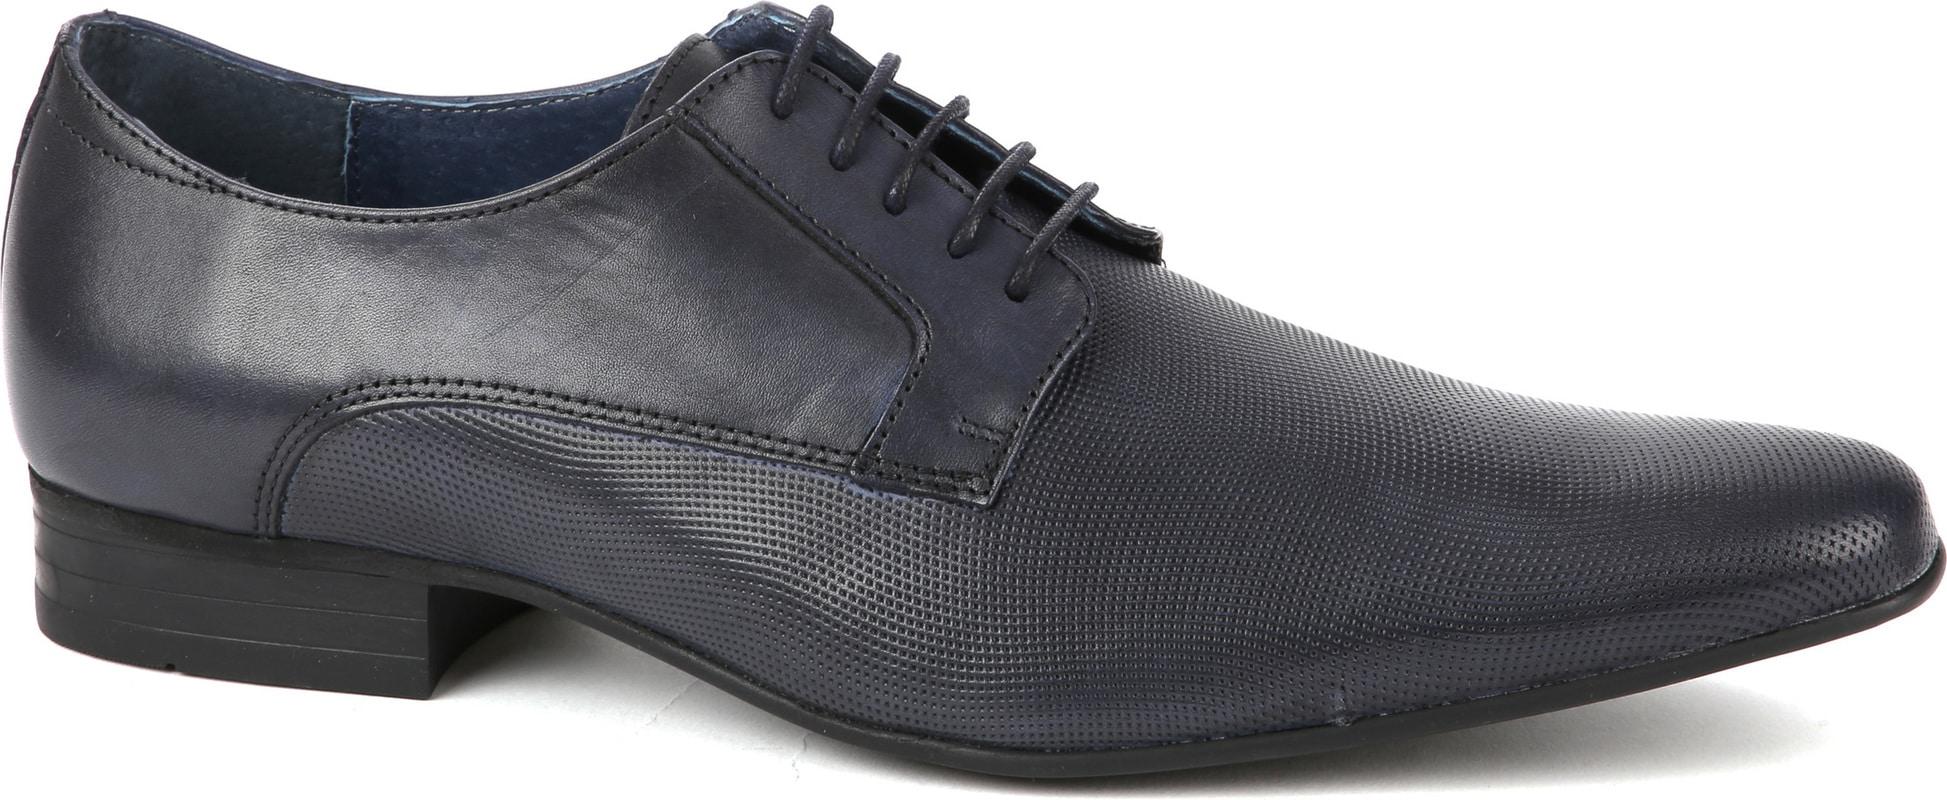 Suitable Dress Shoes Derby Black photo 0